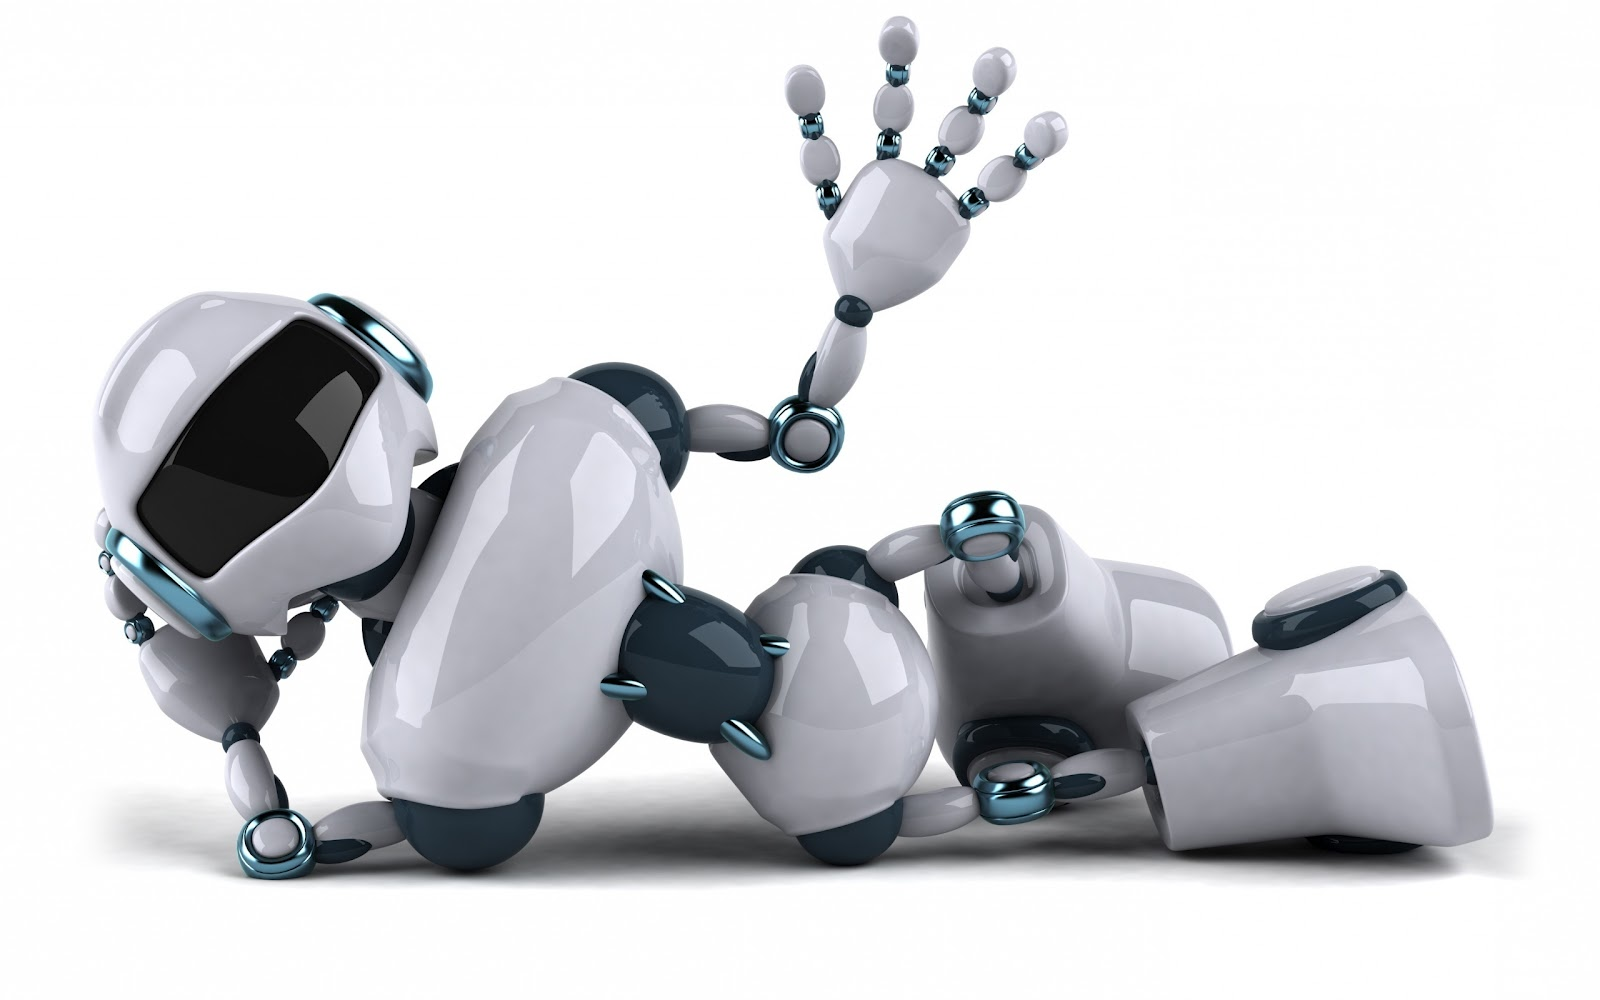 Ciberestética: Más Imágenes 3D De Robots Androides